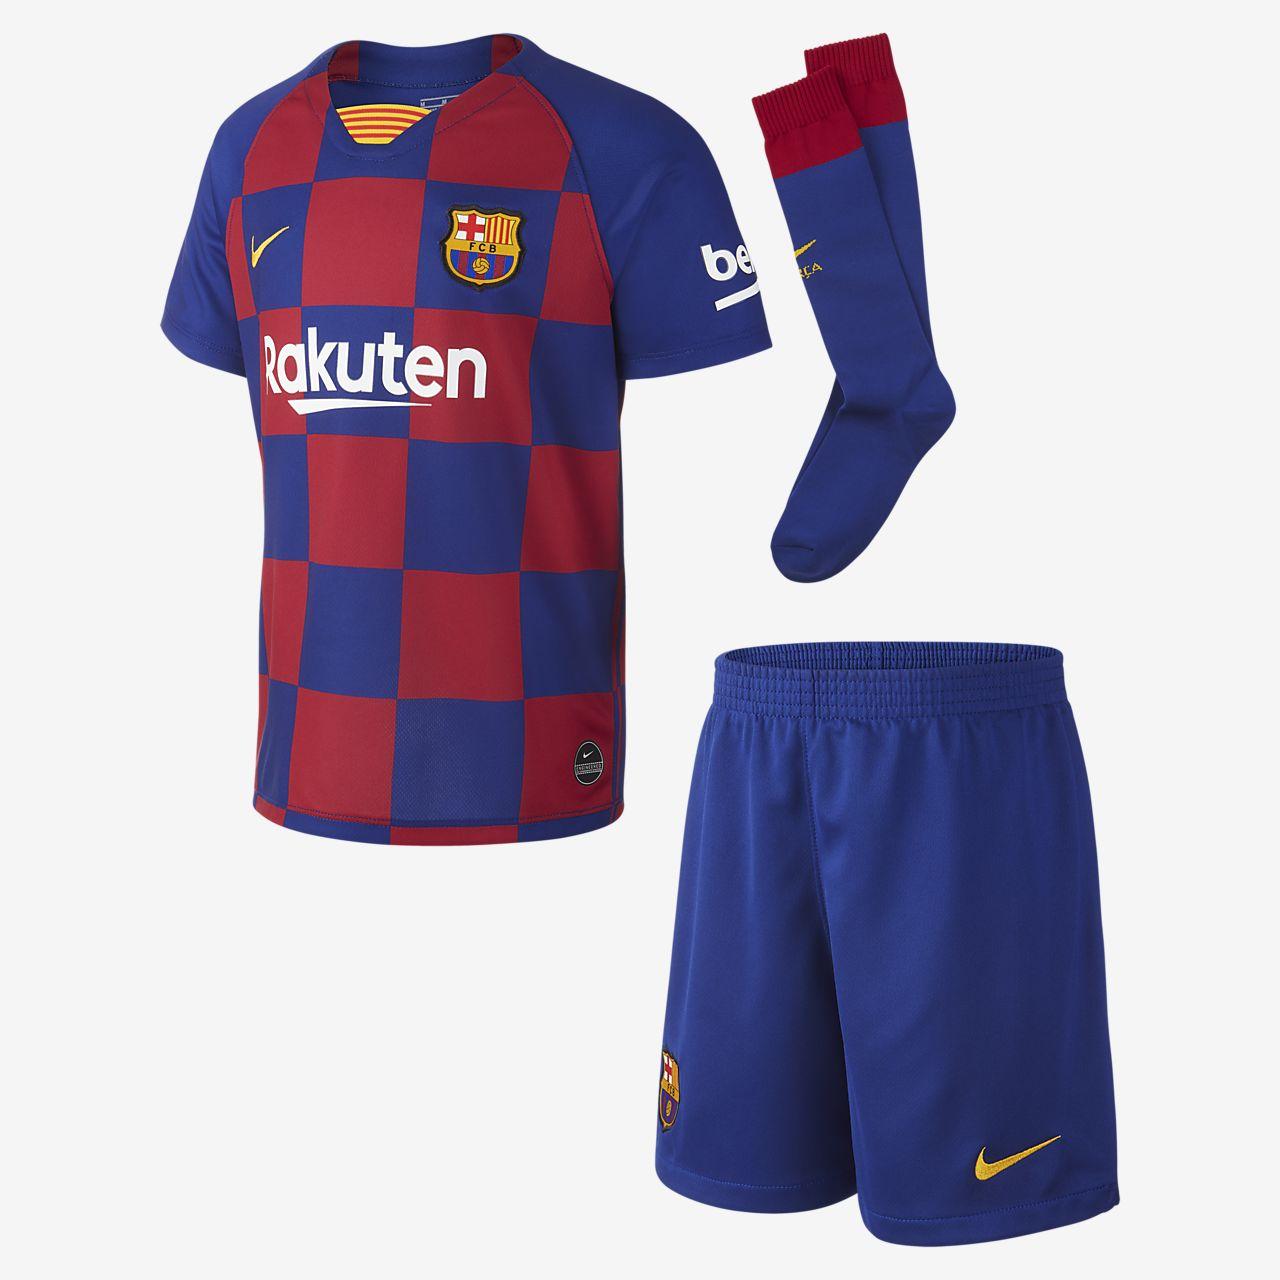 Kit de fútbol de local para niño talla pequeña del FC Barcelona 2019/20